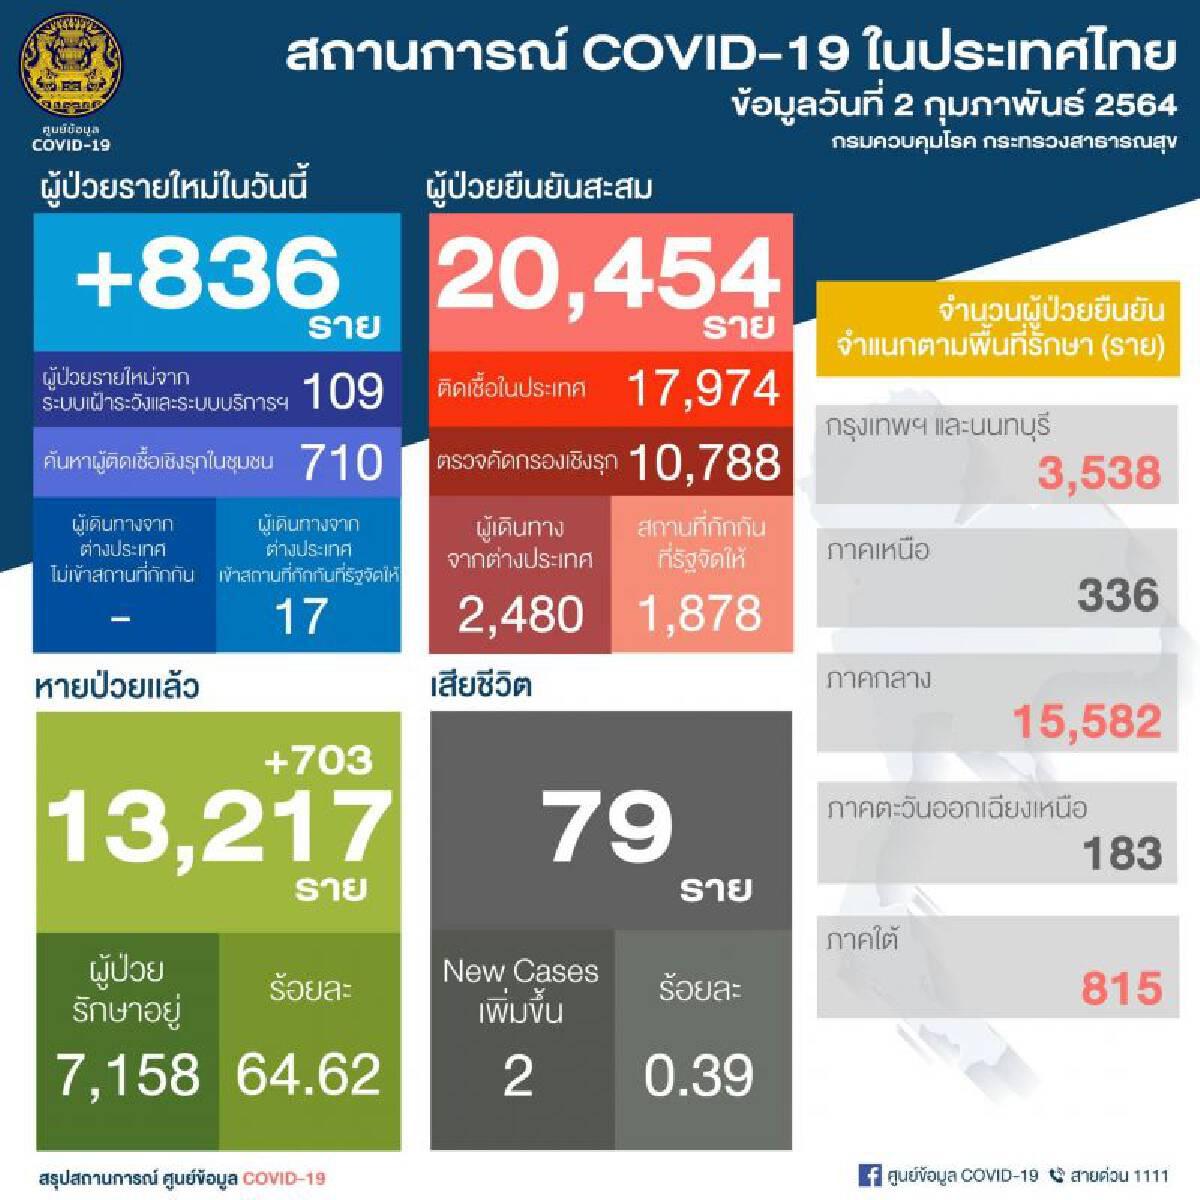 ยอดติดเชื้อโควิด 2 ก.พ.64 รายใหม่ 836 เสียชีวิต 2 สะสมทะลุ 20,000 ราย